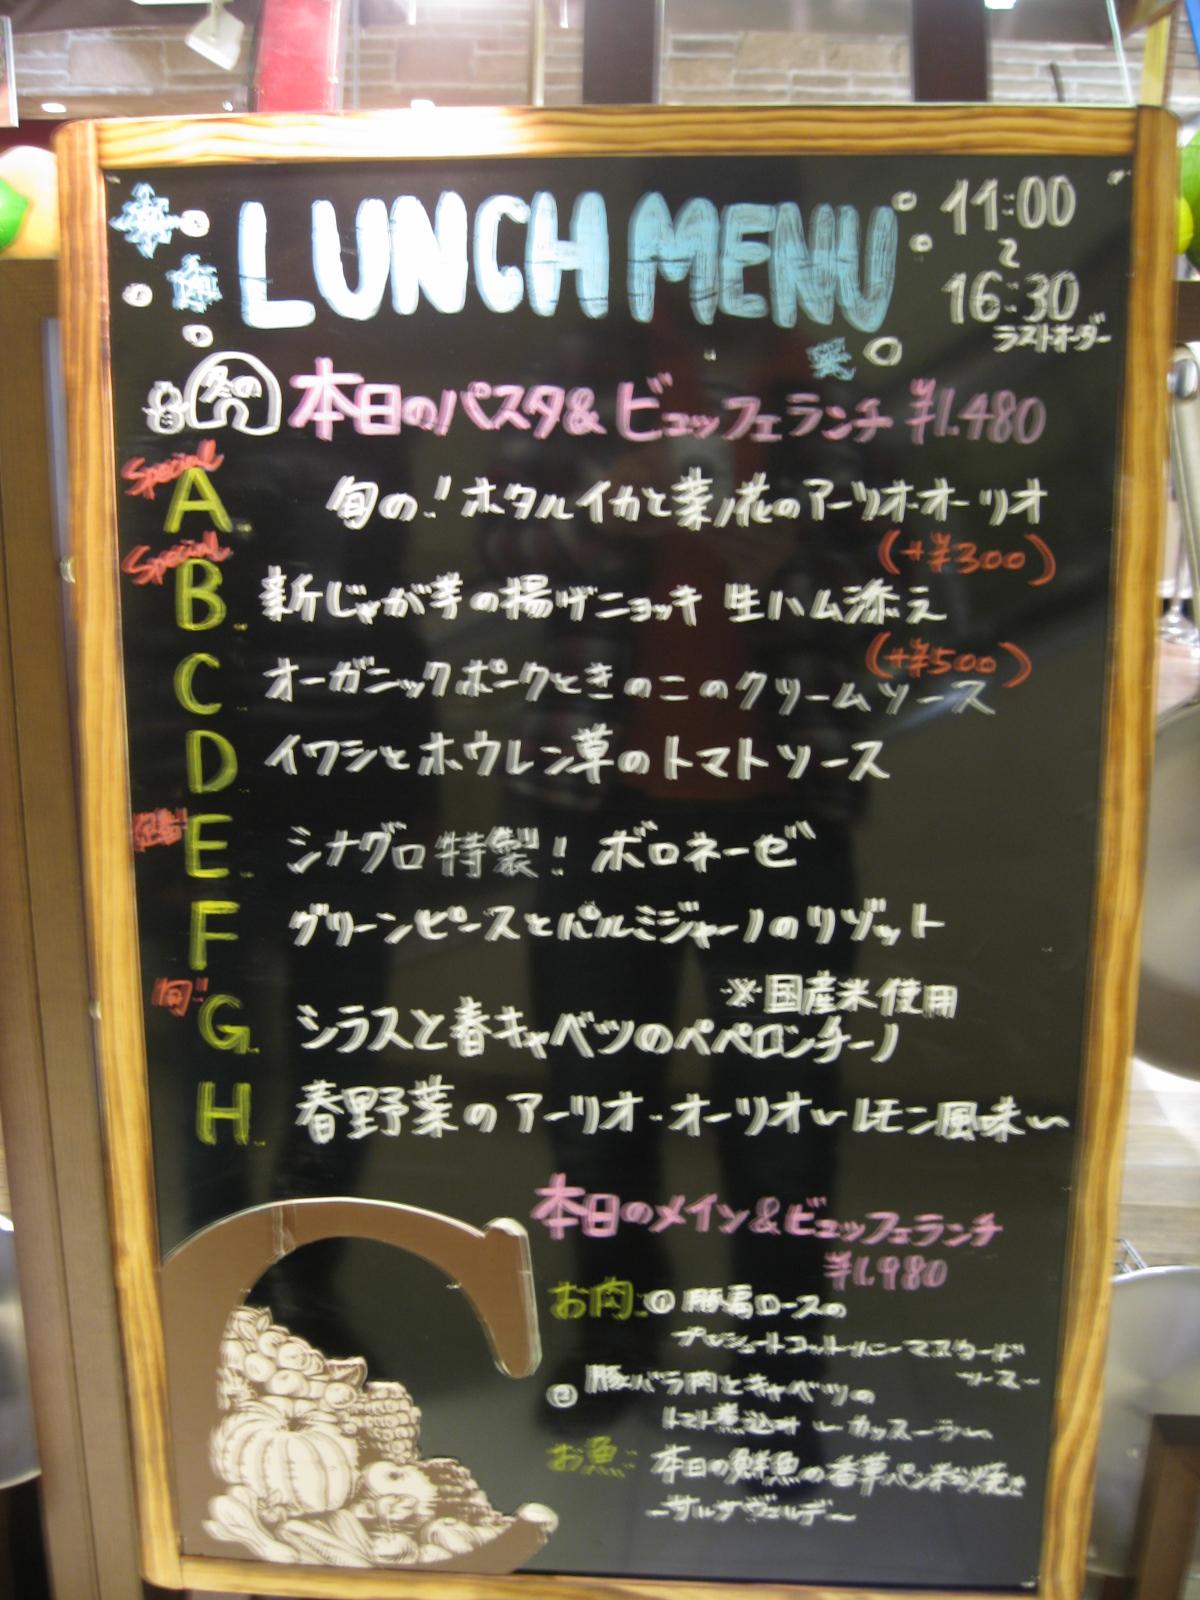 シナグロ (CINAGRO) (渋谷/自然食)オーガニック 無添加